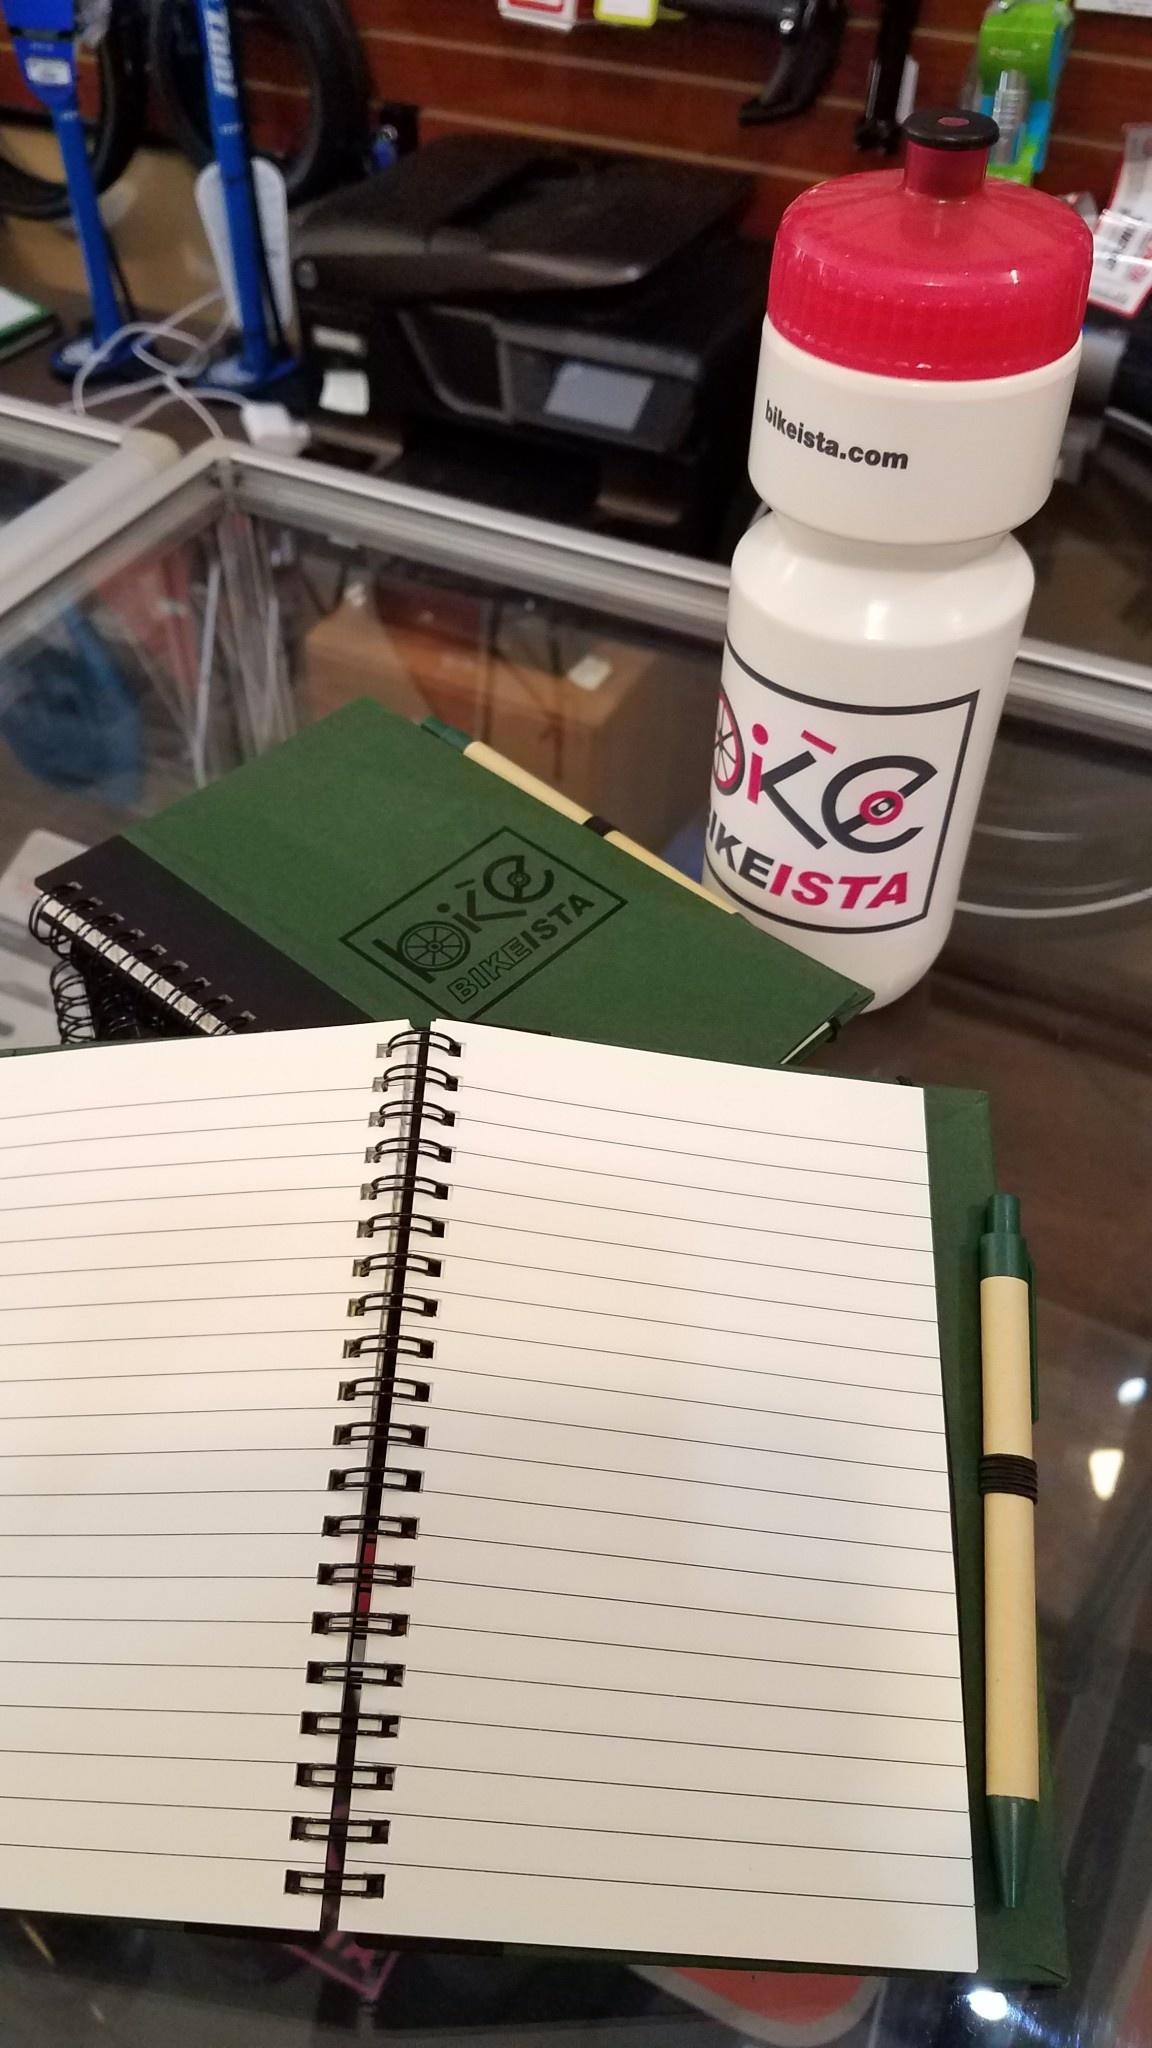 BIKEISTA Notebook